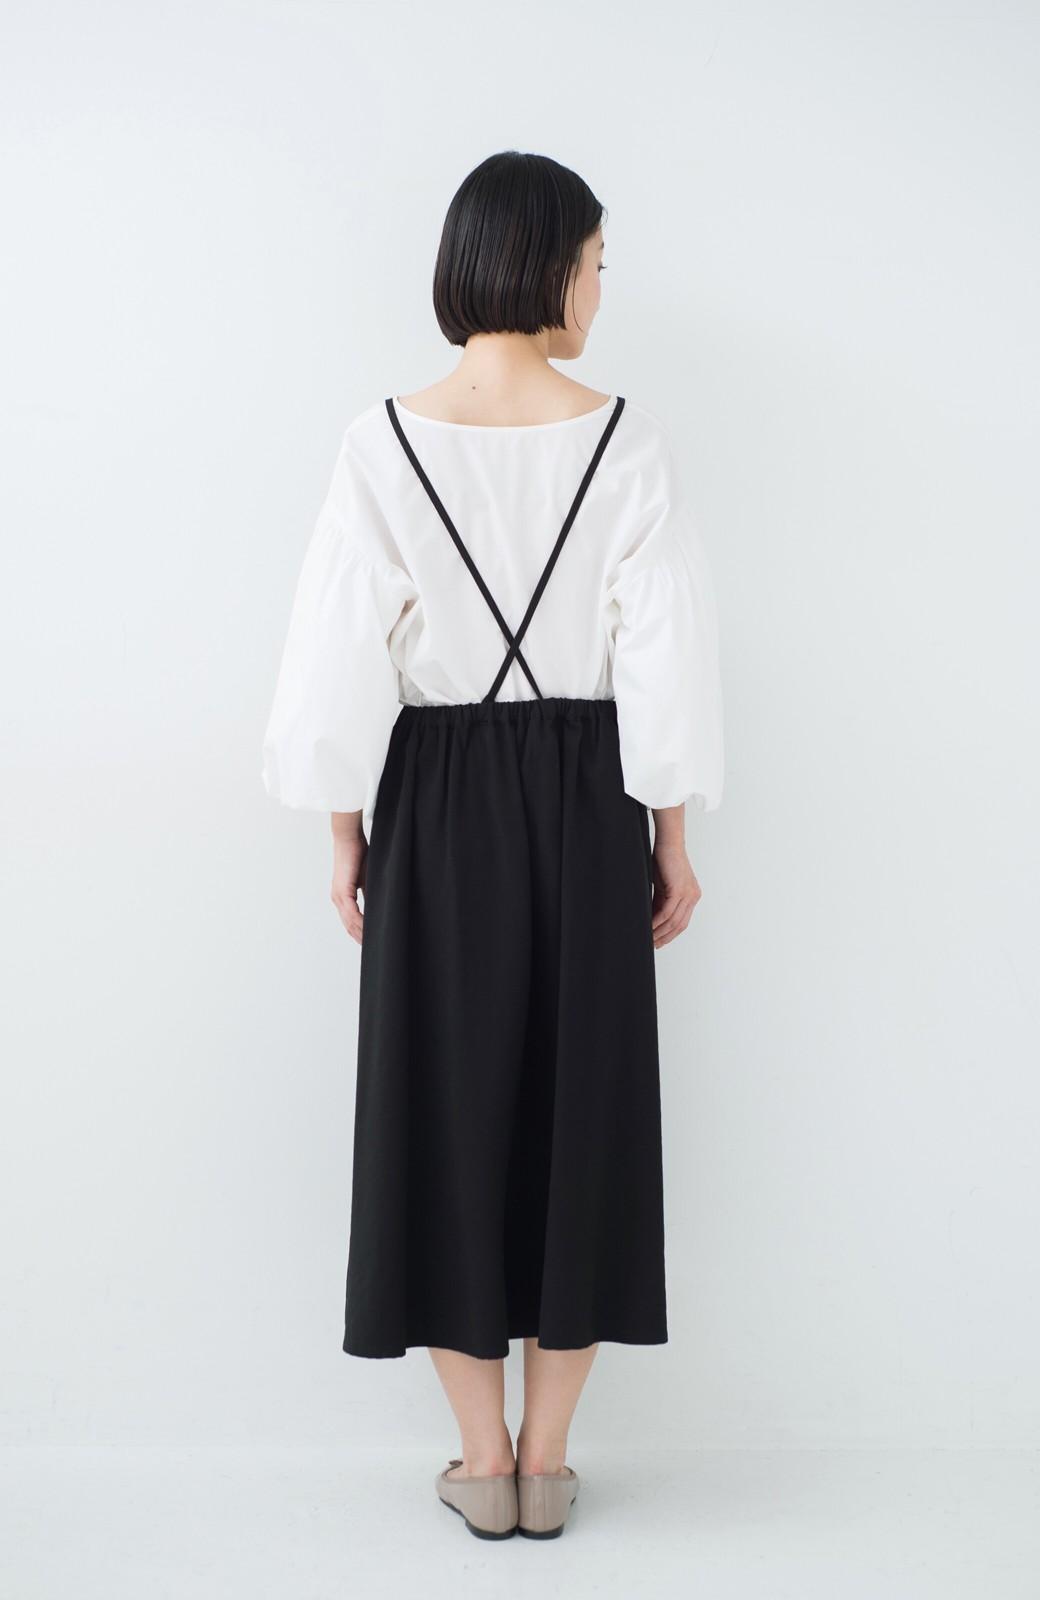 haco! シンプルな服に合わせるだけでかわいいエプロンワンピース <ブラック>の商品写真8